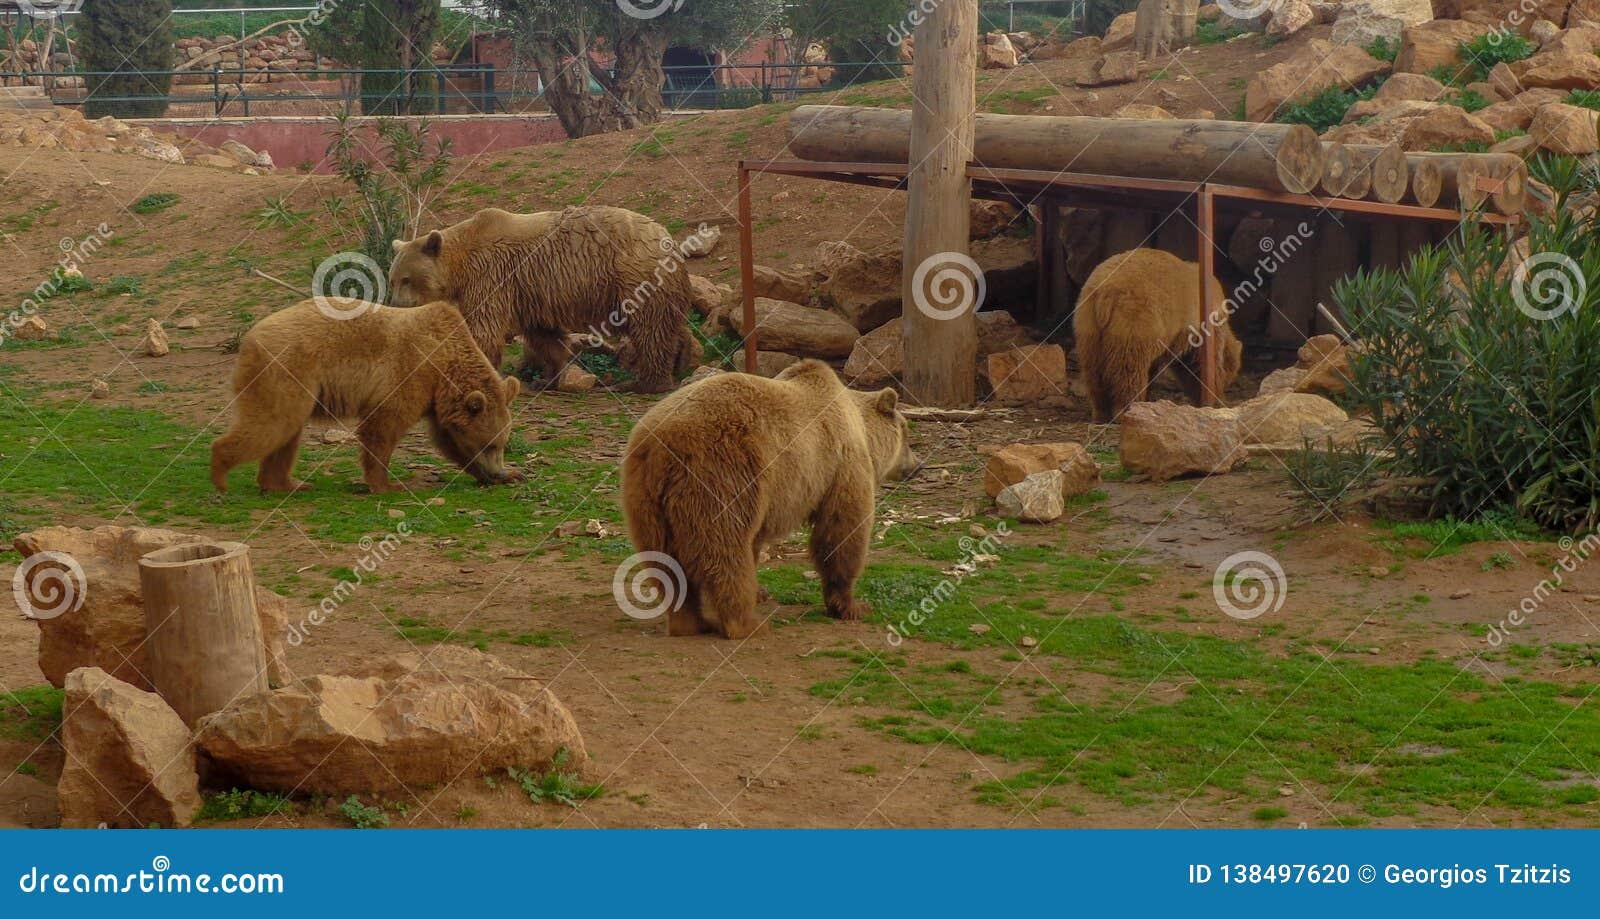 Los osos están descansando y están comiendo